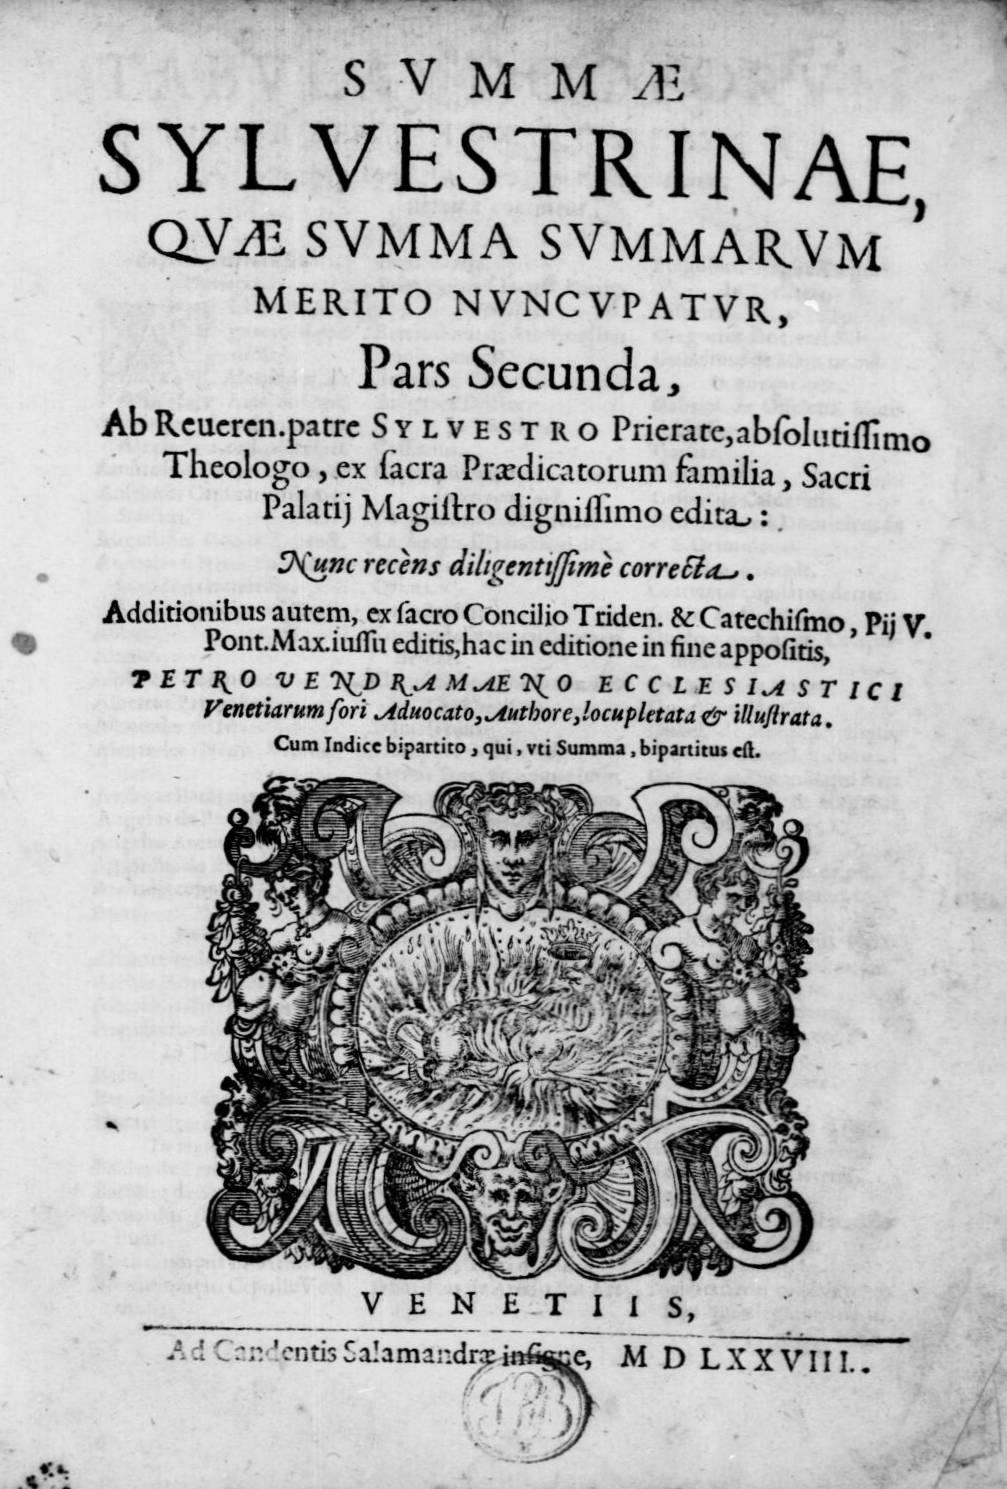 ''Summa summarum quae Silvestrina dicitur'', 1578